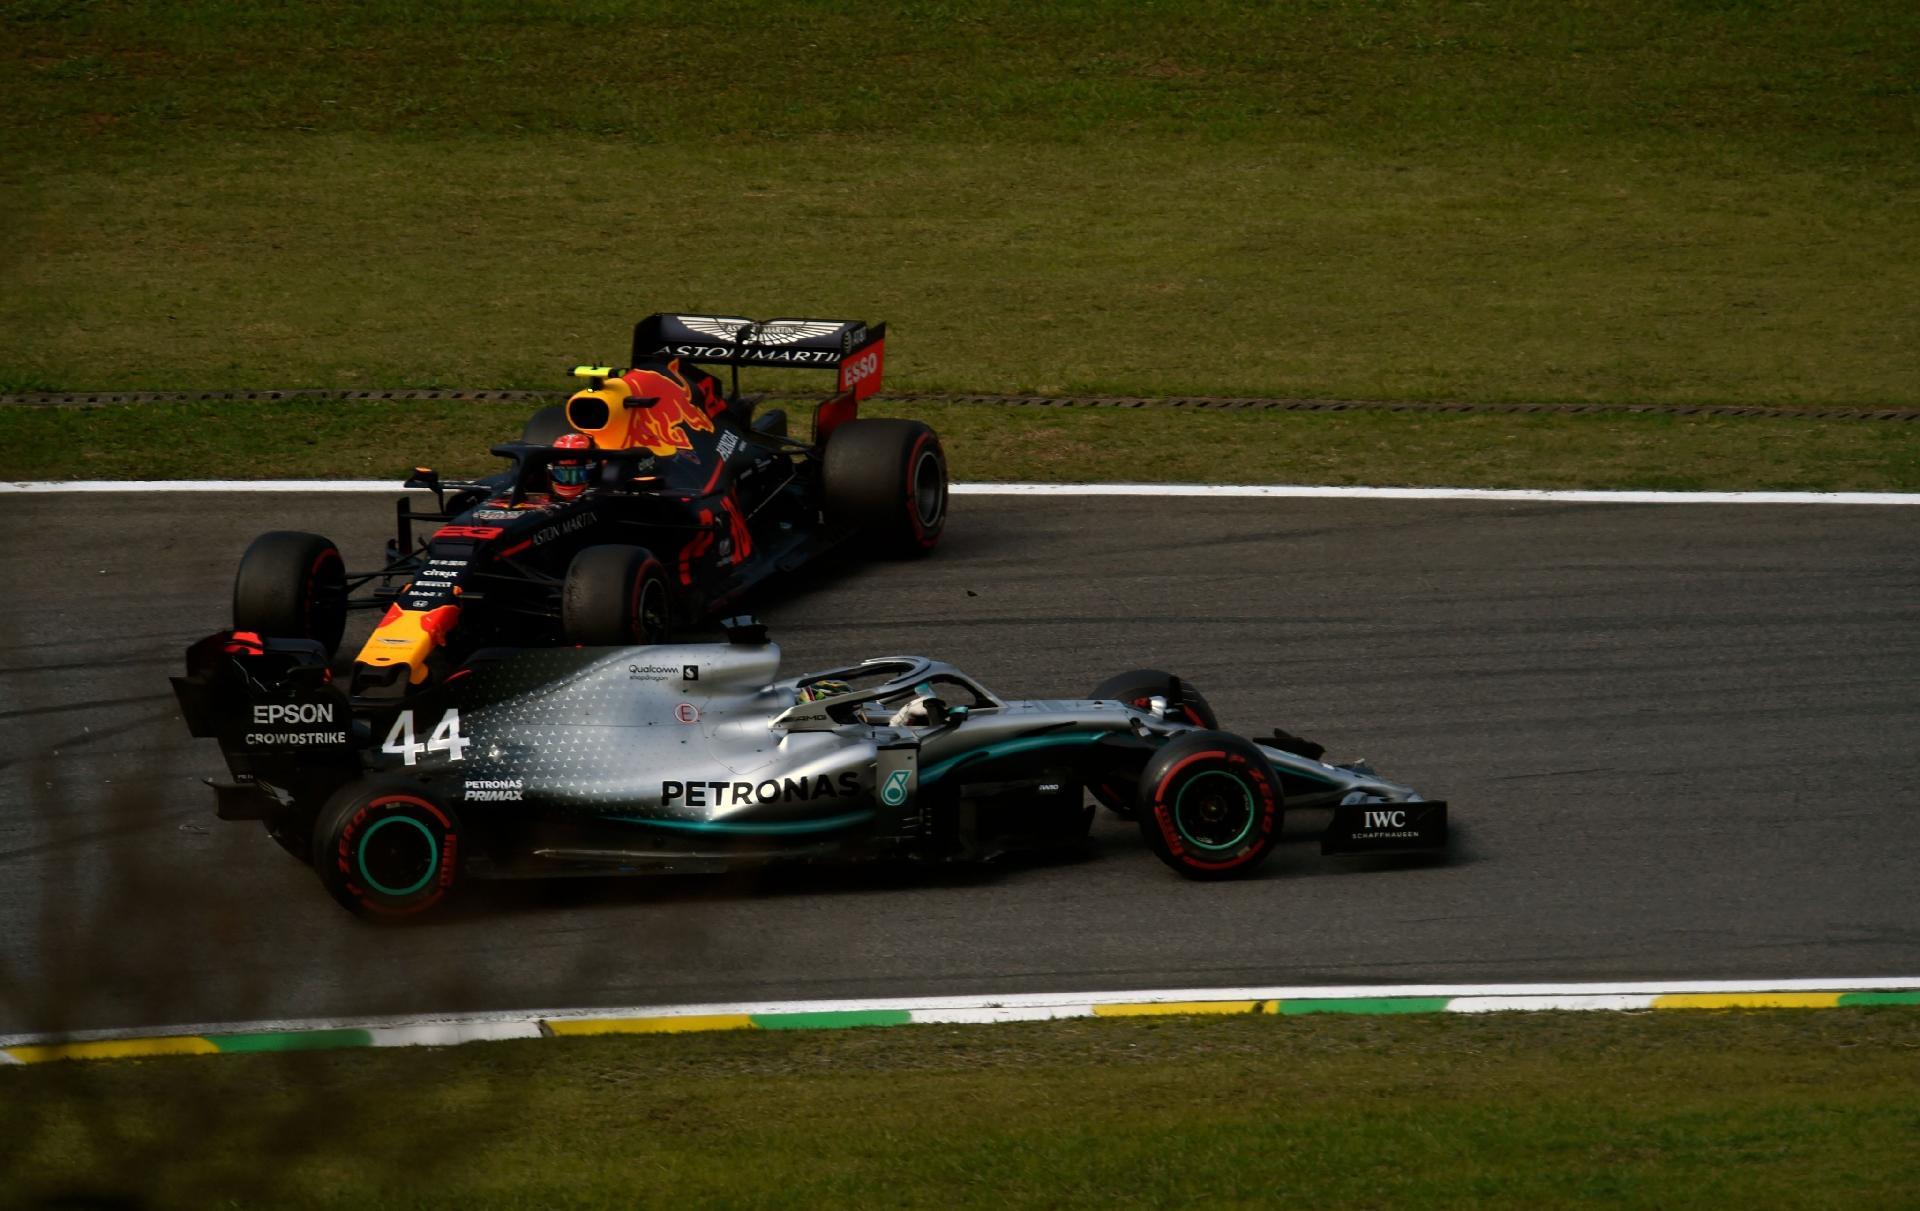 Mercedes sa che non avrebbero dovuto rischiare l'ulteriore pit-stop di Hamilton in Brasile - MBenz.it